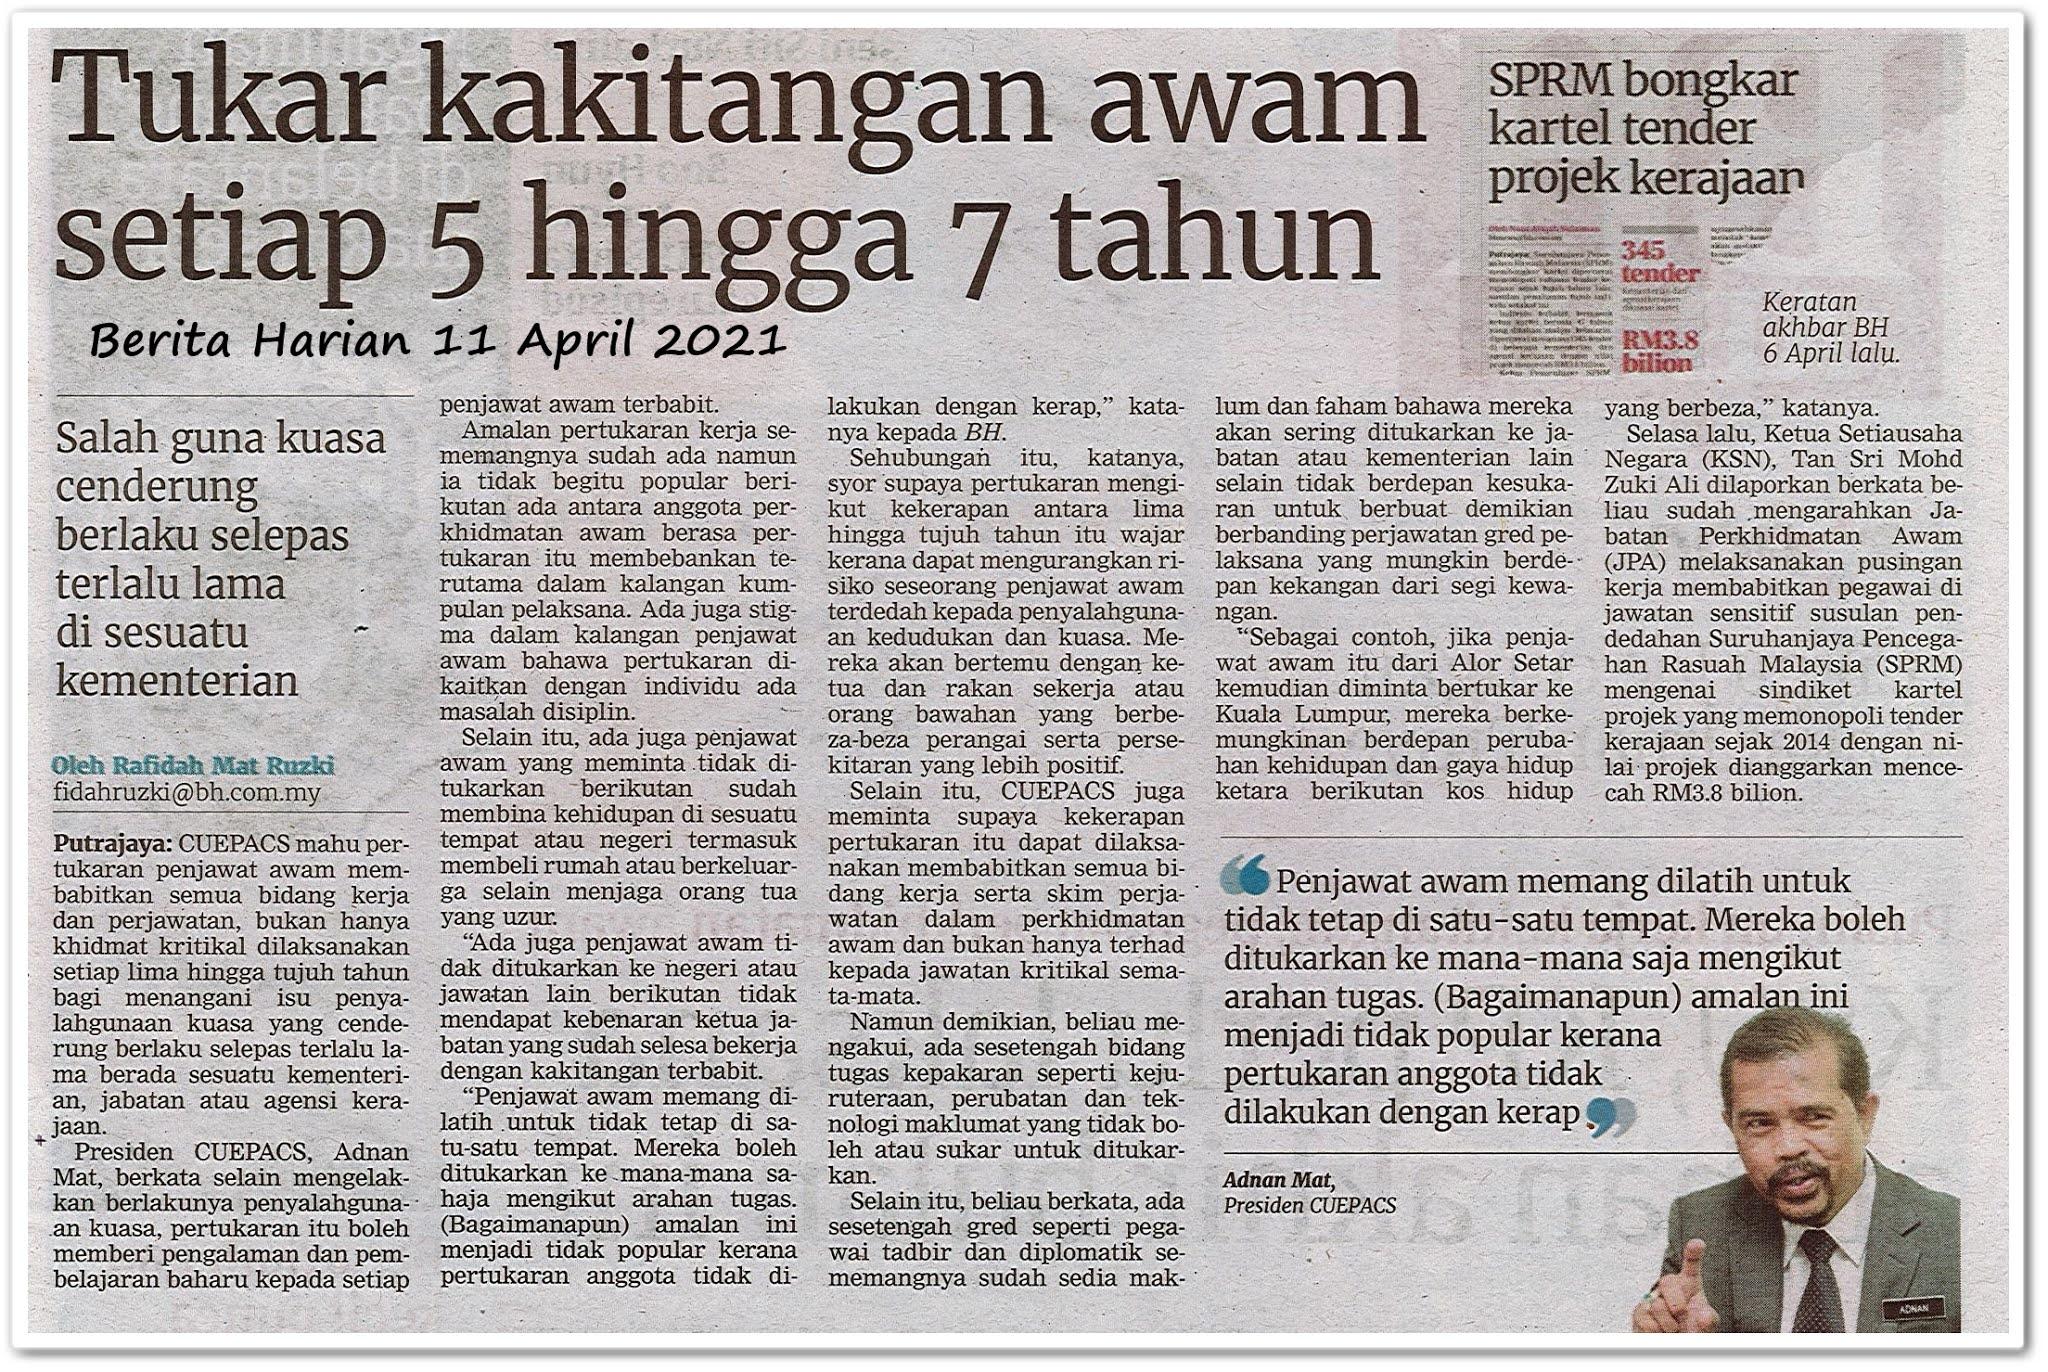 Tukar kakitangan awam setiap 5 hingga 7 tahun - Keratan akhbar Berita Harian 11 April 2021